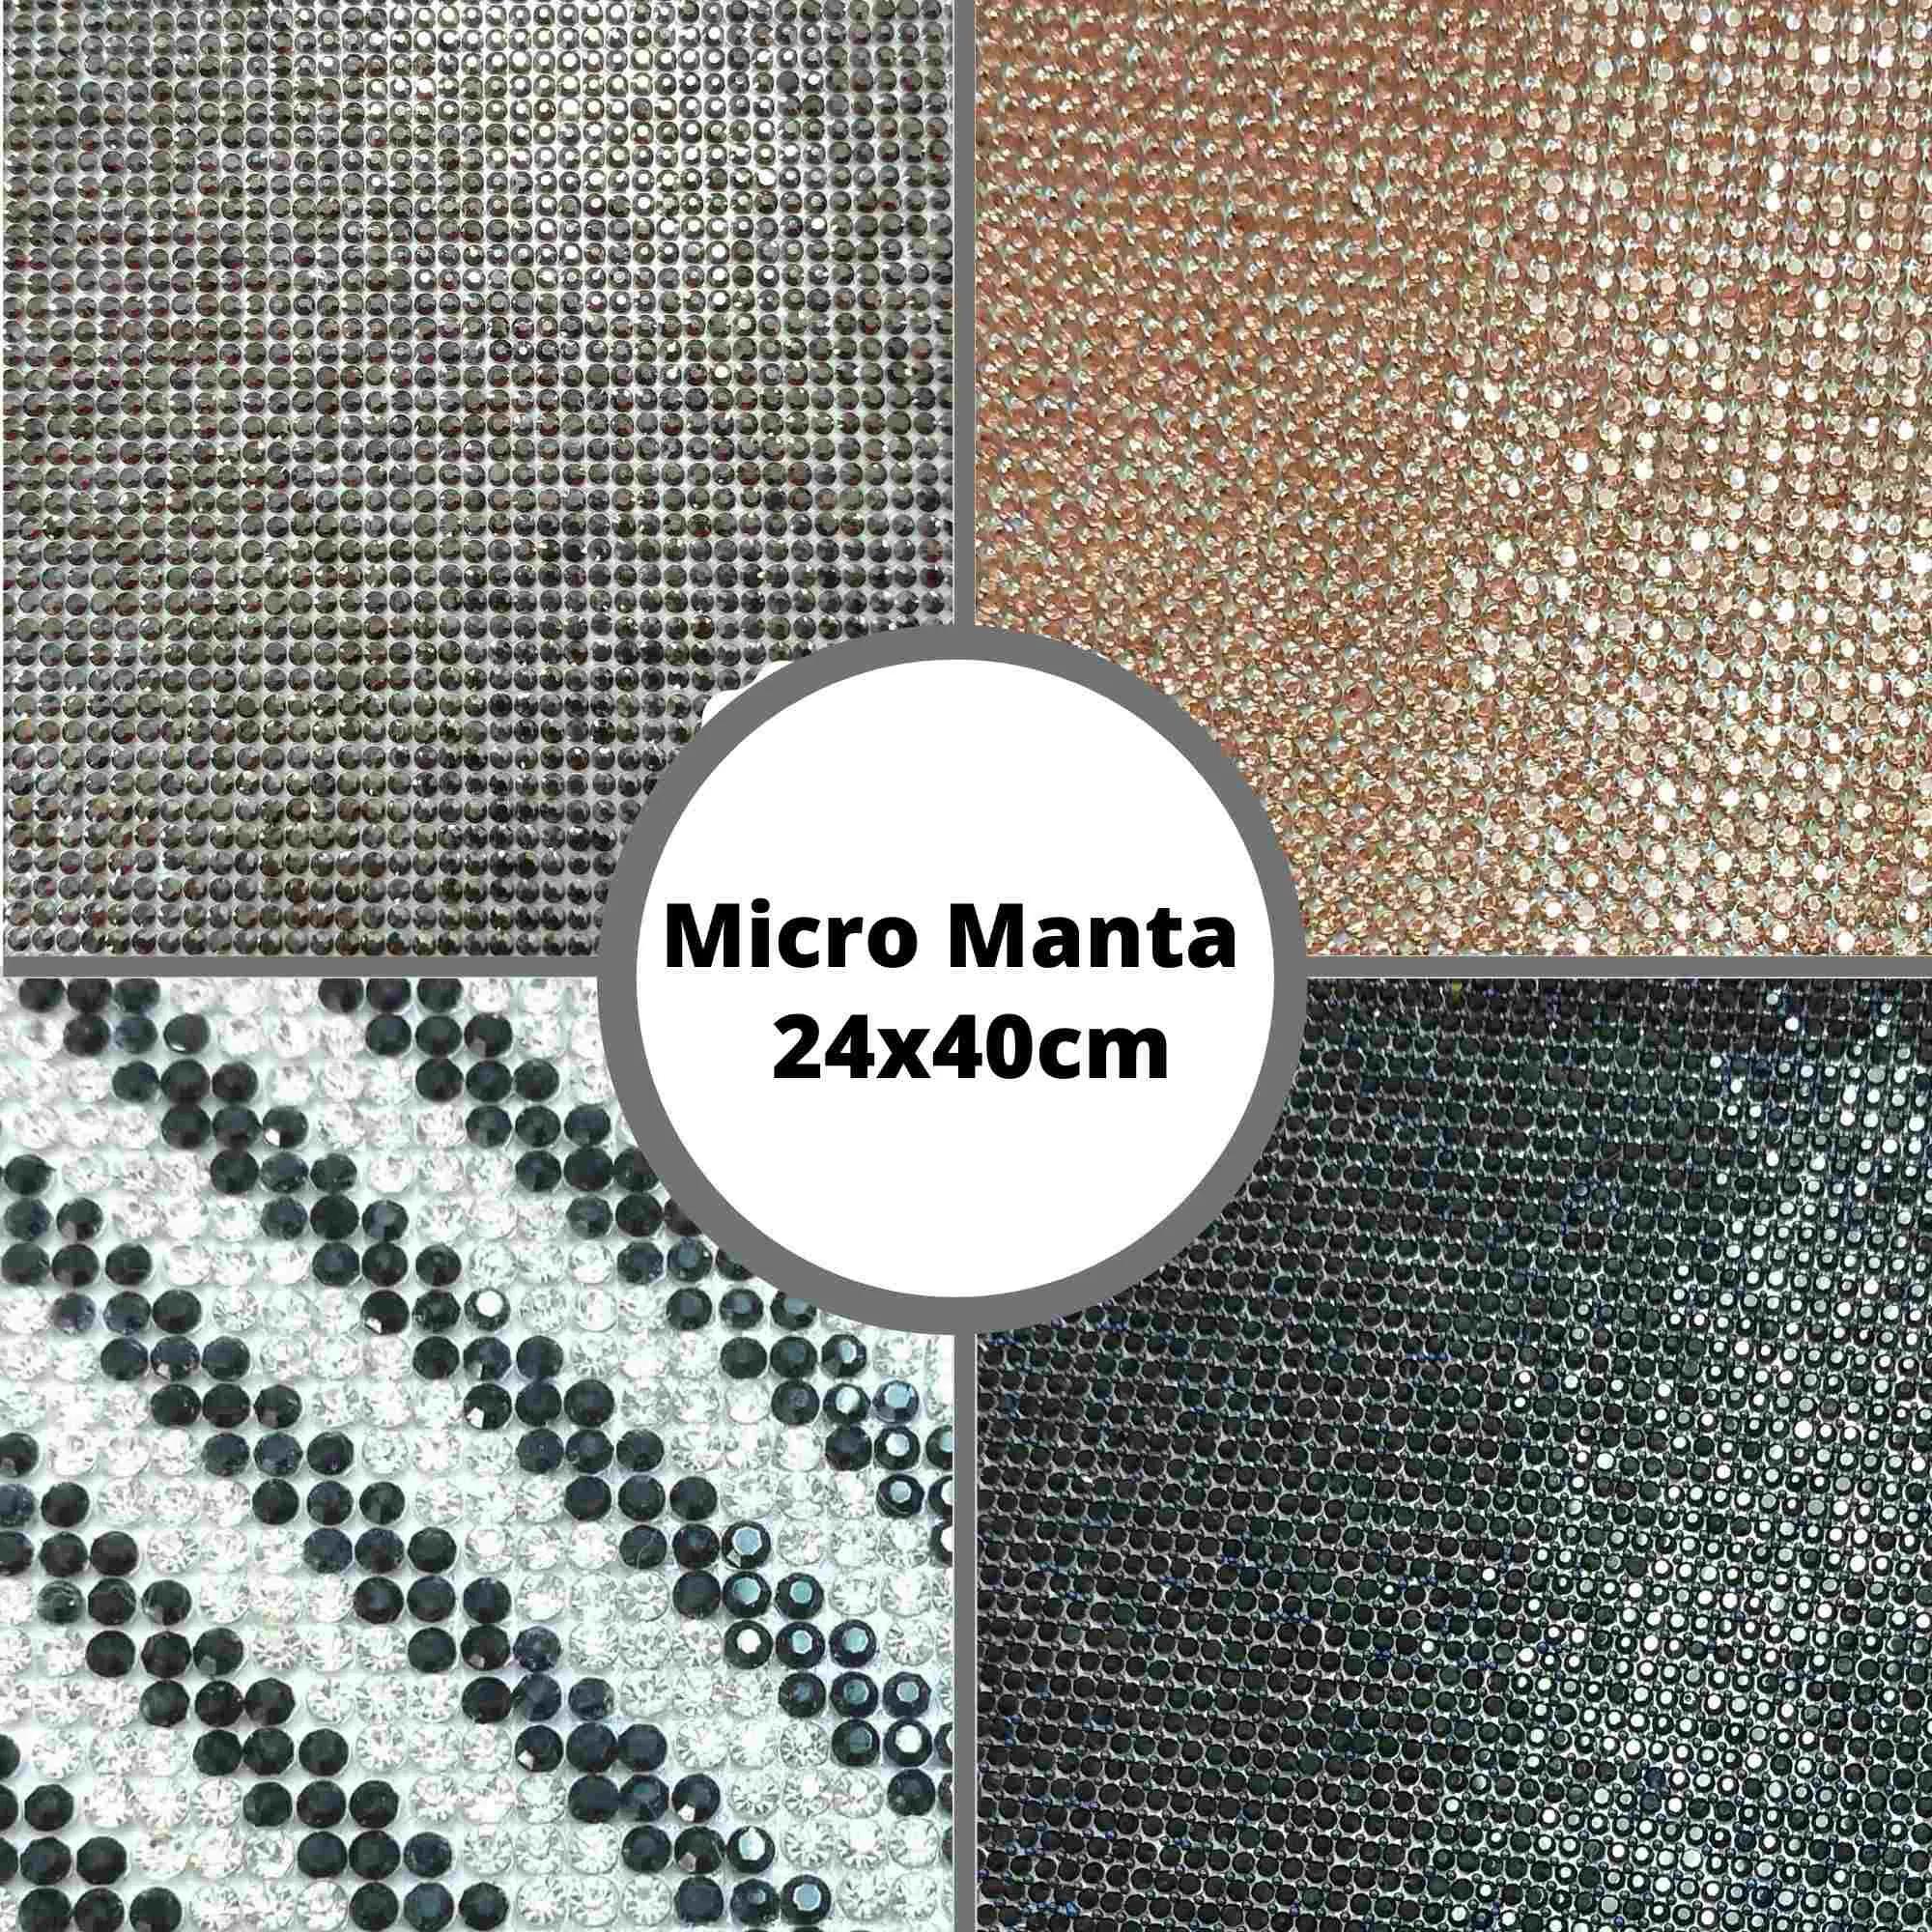 Micro Manta c/ Strass - Tamanho 24x40cm - 1 unidade